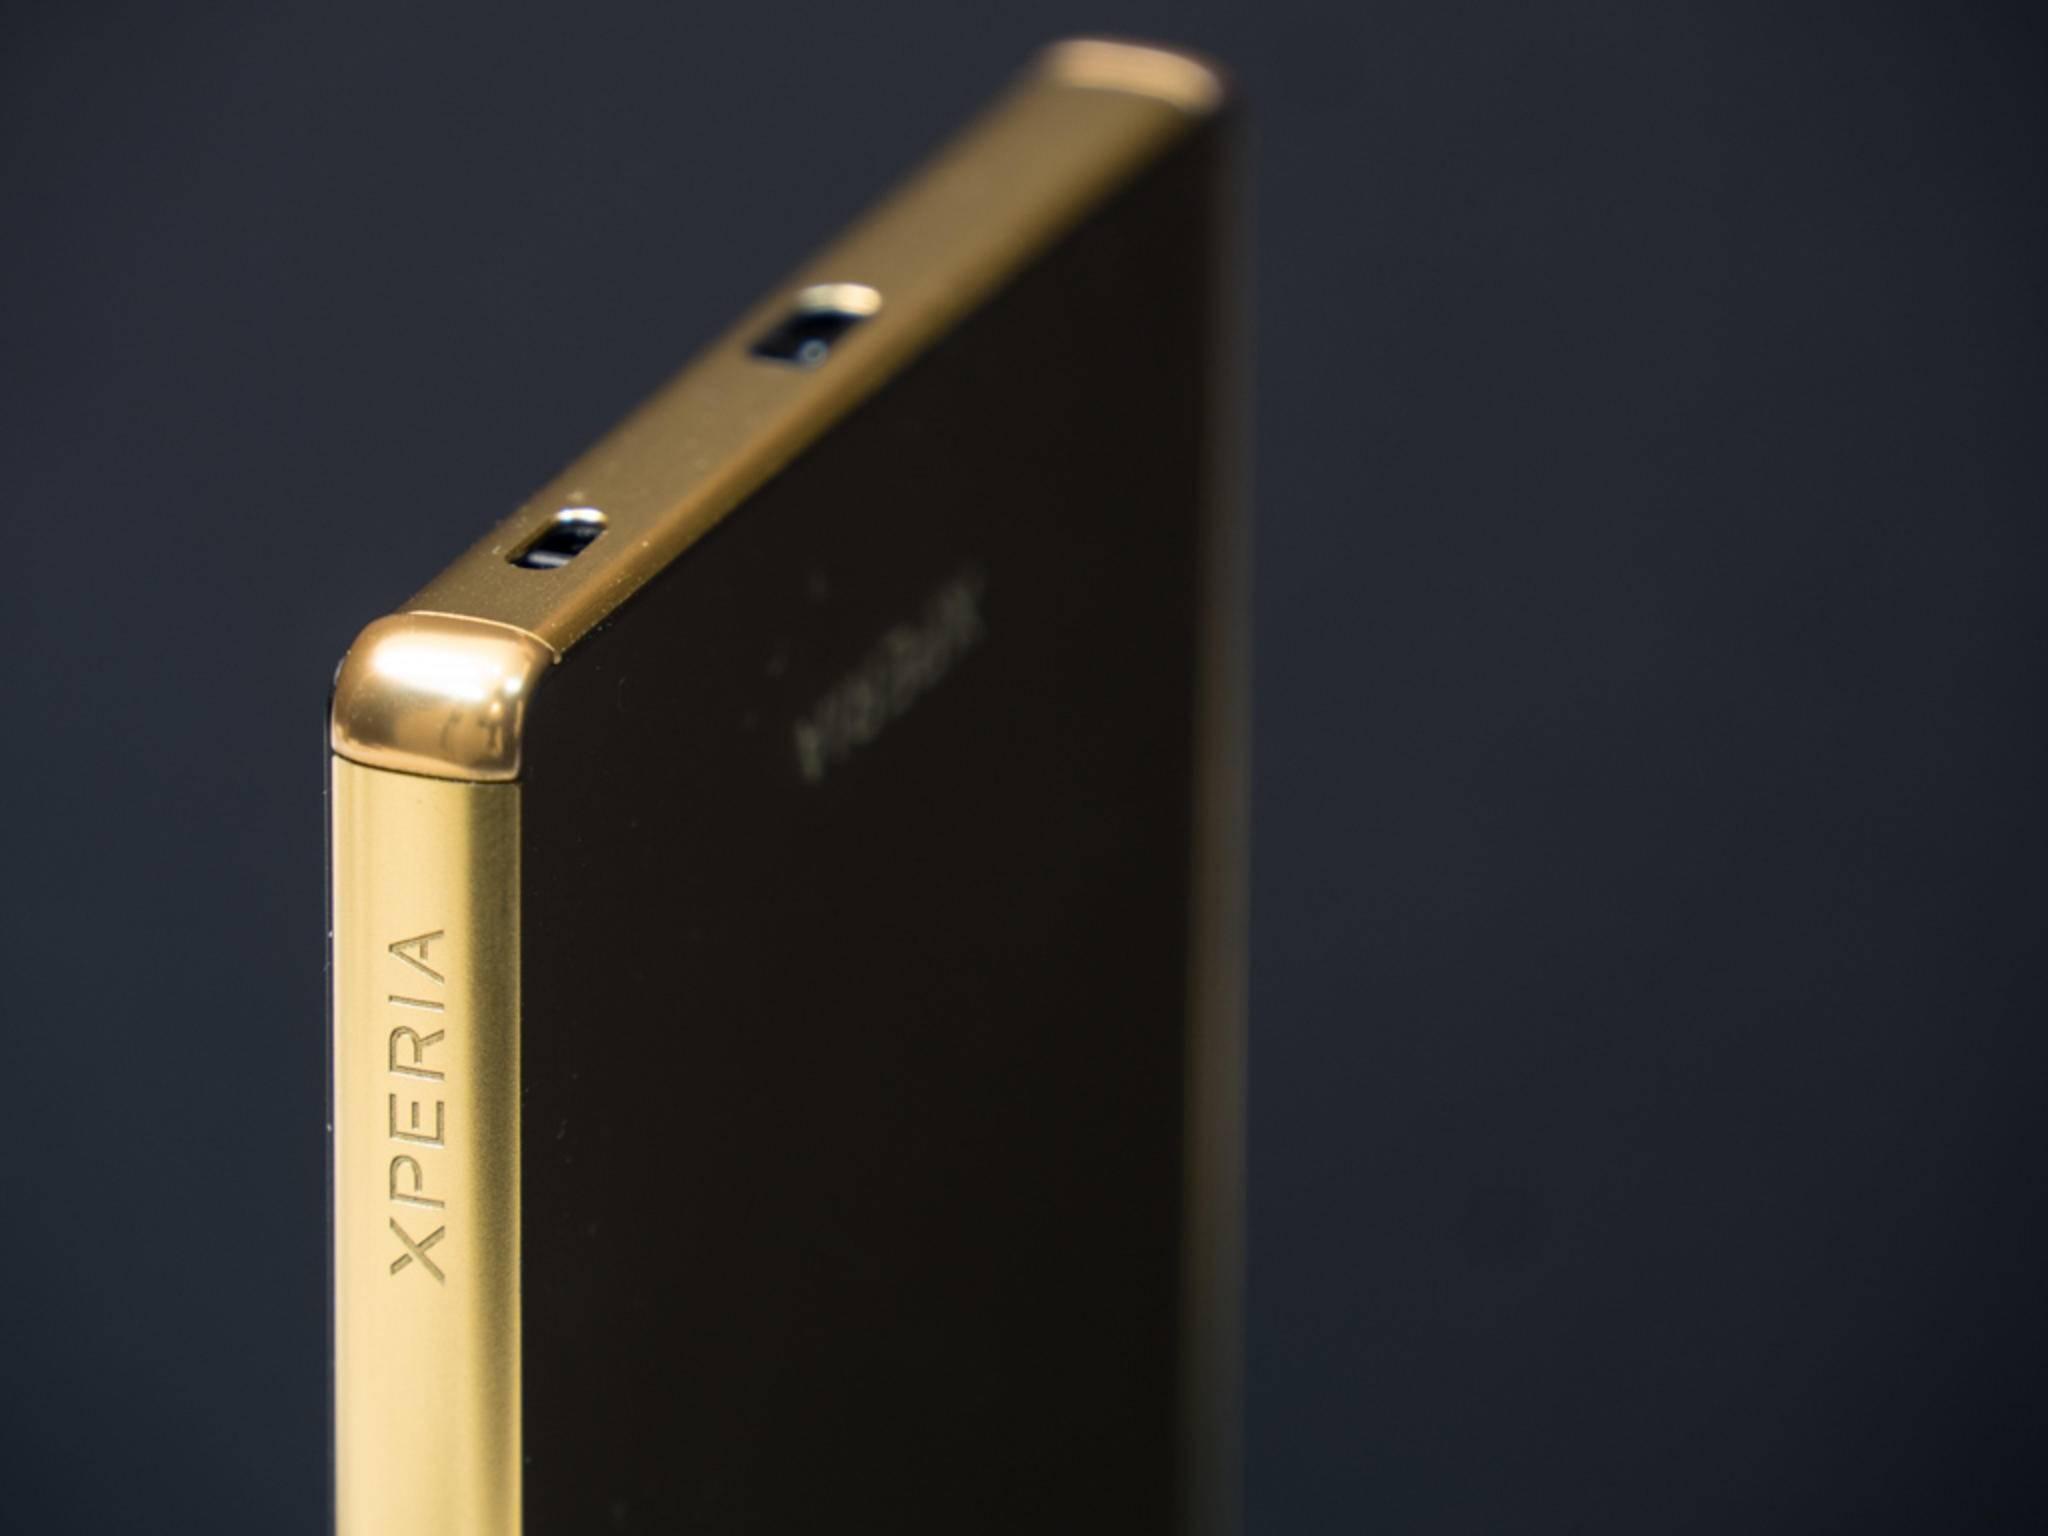 Mit seinem kantigen Design fühlt sich das Smartphone recht klobig an.